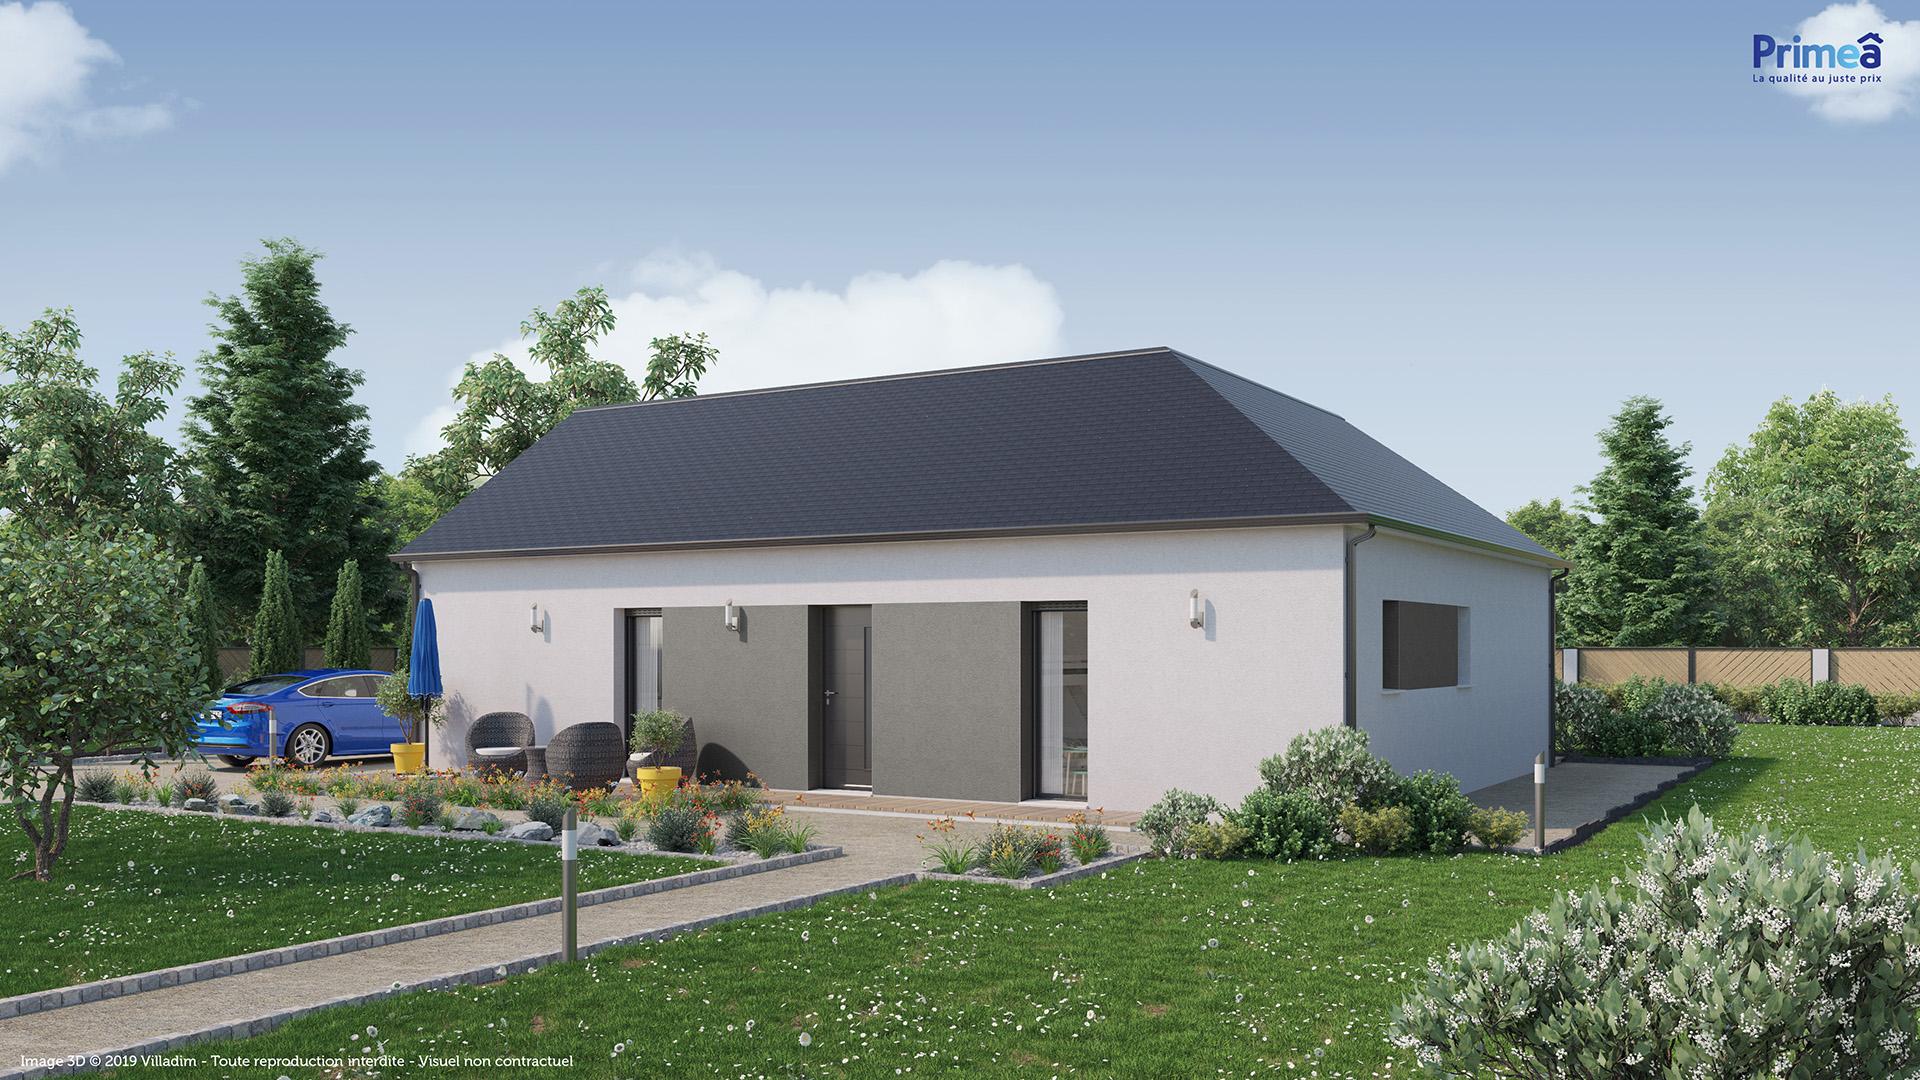 Maison à vendre à Ligré